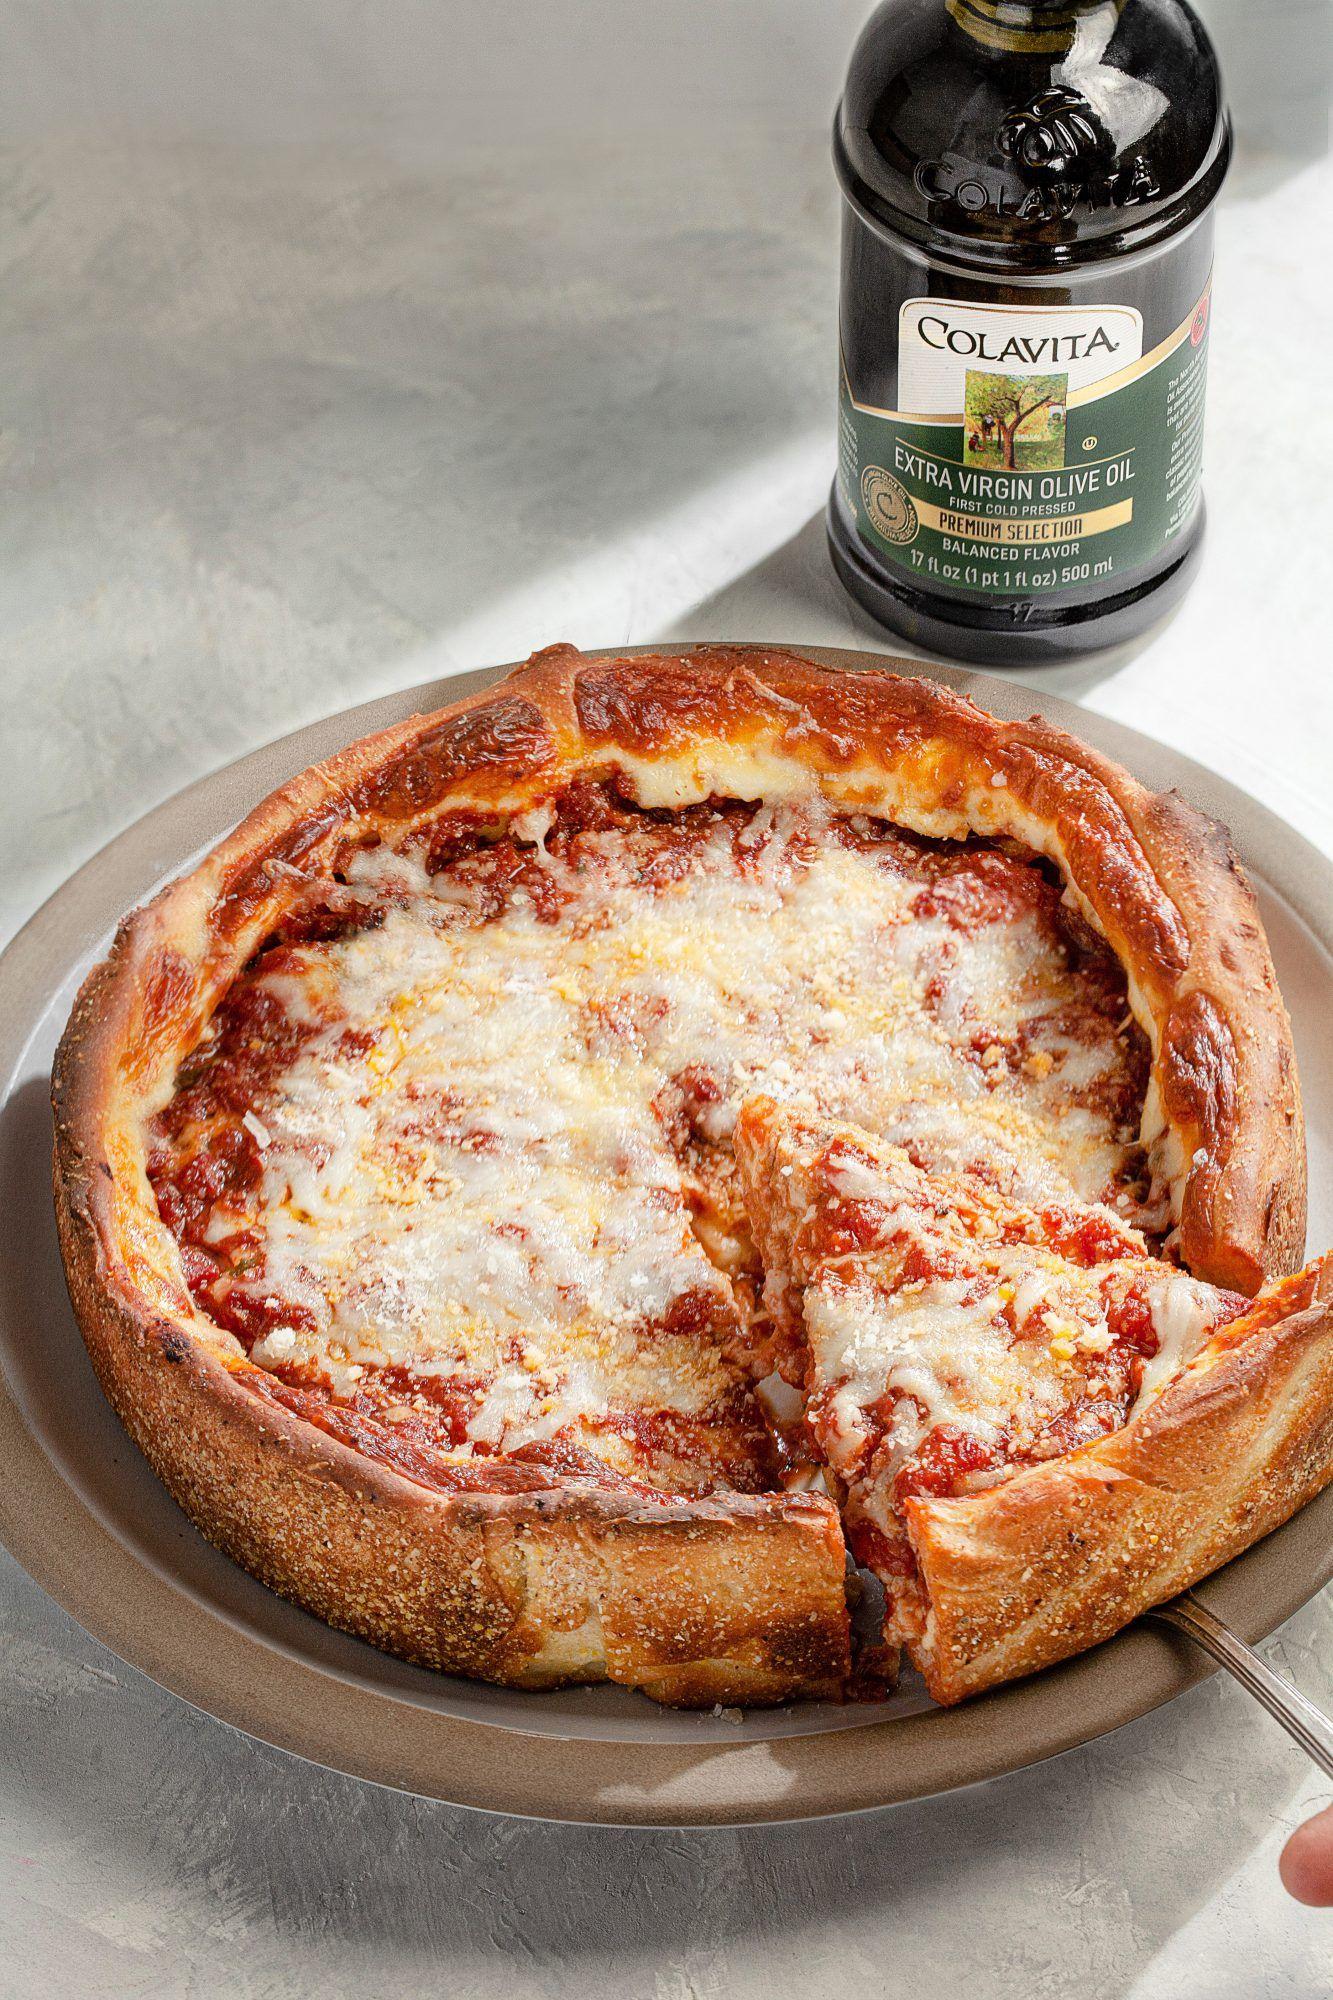 Deep Dish Chicago Pizza Colavita Recipes Recipe Deep Dish Pizza Recipes Chicago Deep Dish Pizza